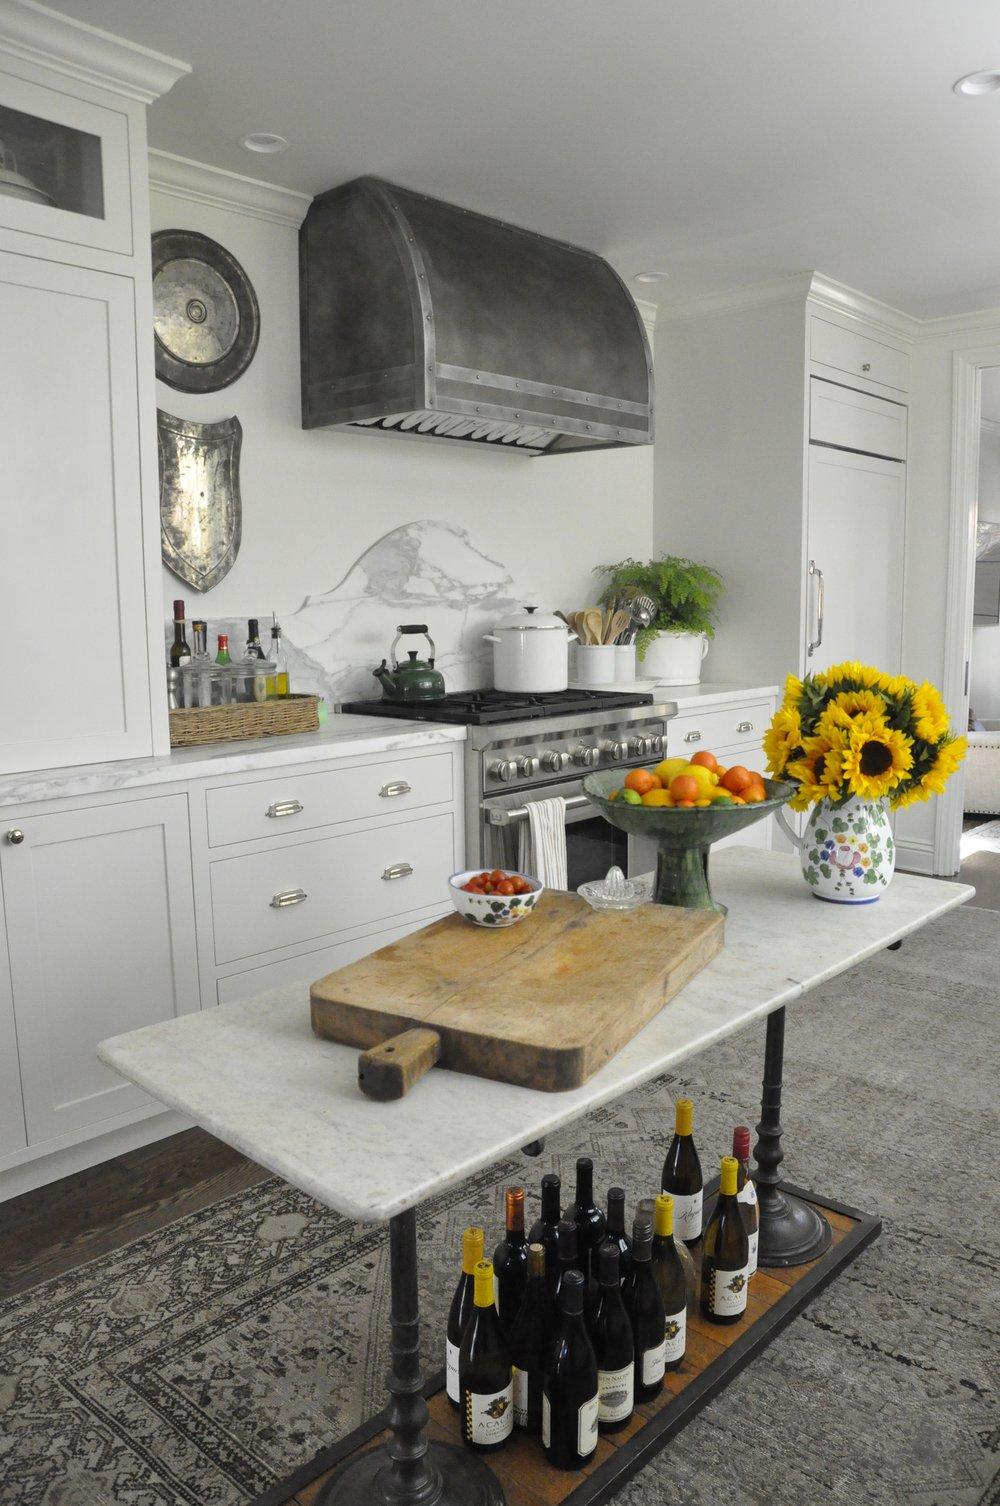 Blythe Home Interior Design 310.617.7718.